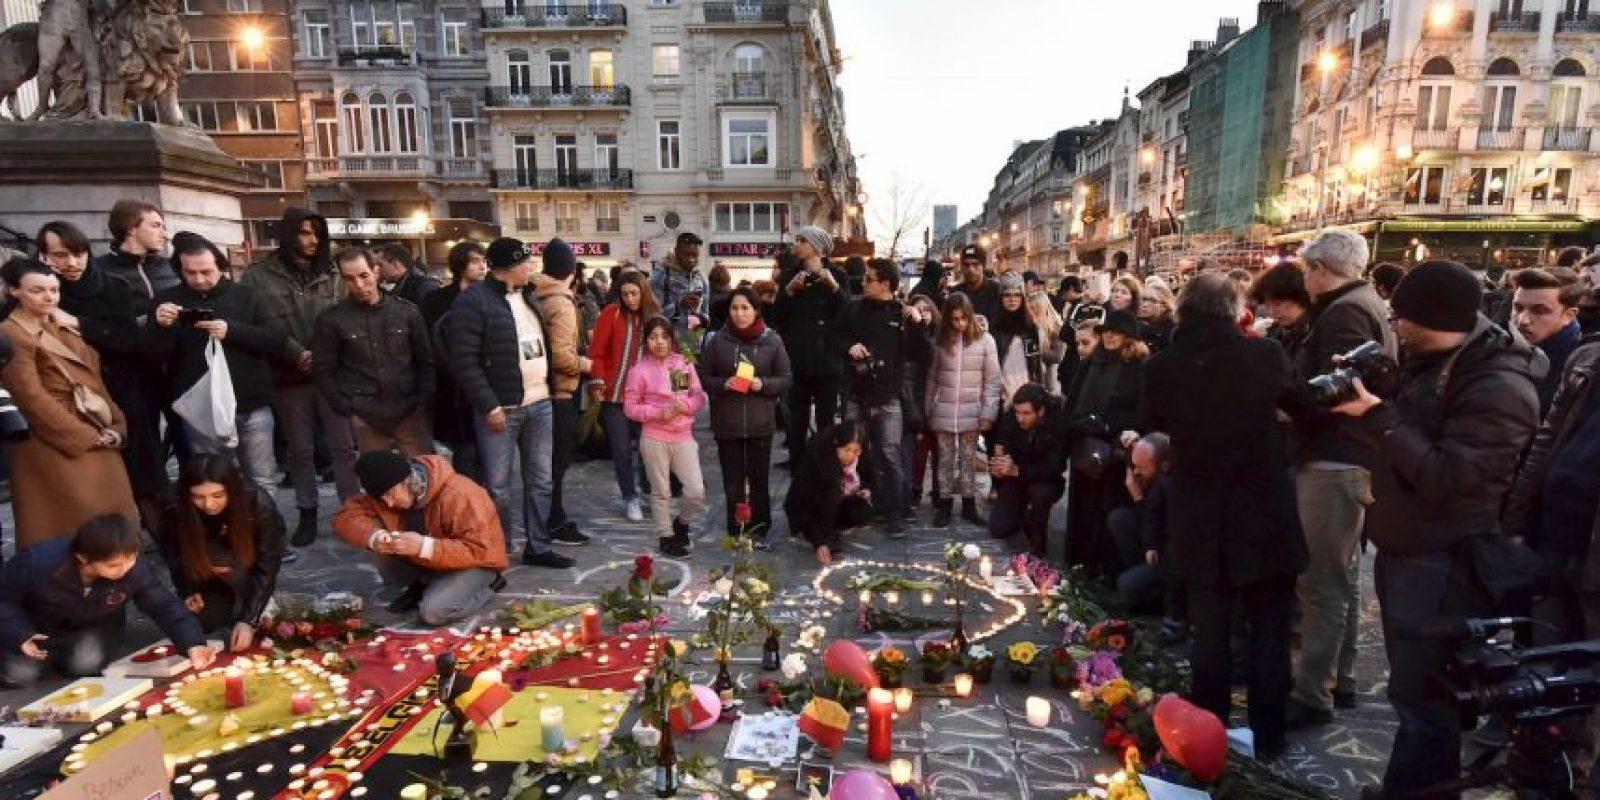 Las flores y el llanto continúan presentes en las calles. Foto:AP